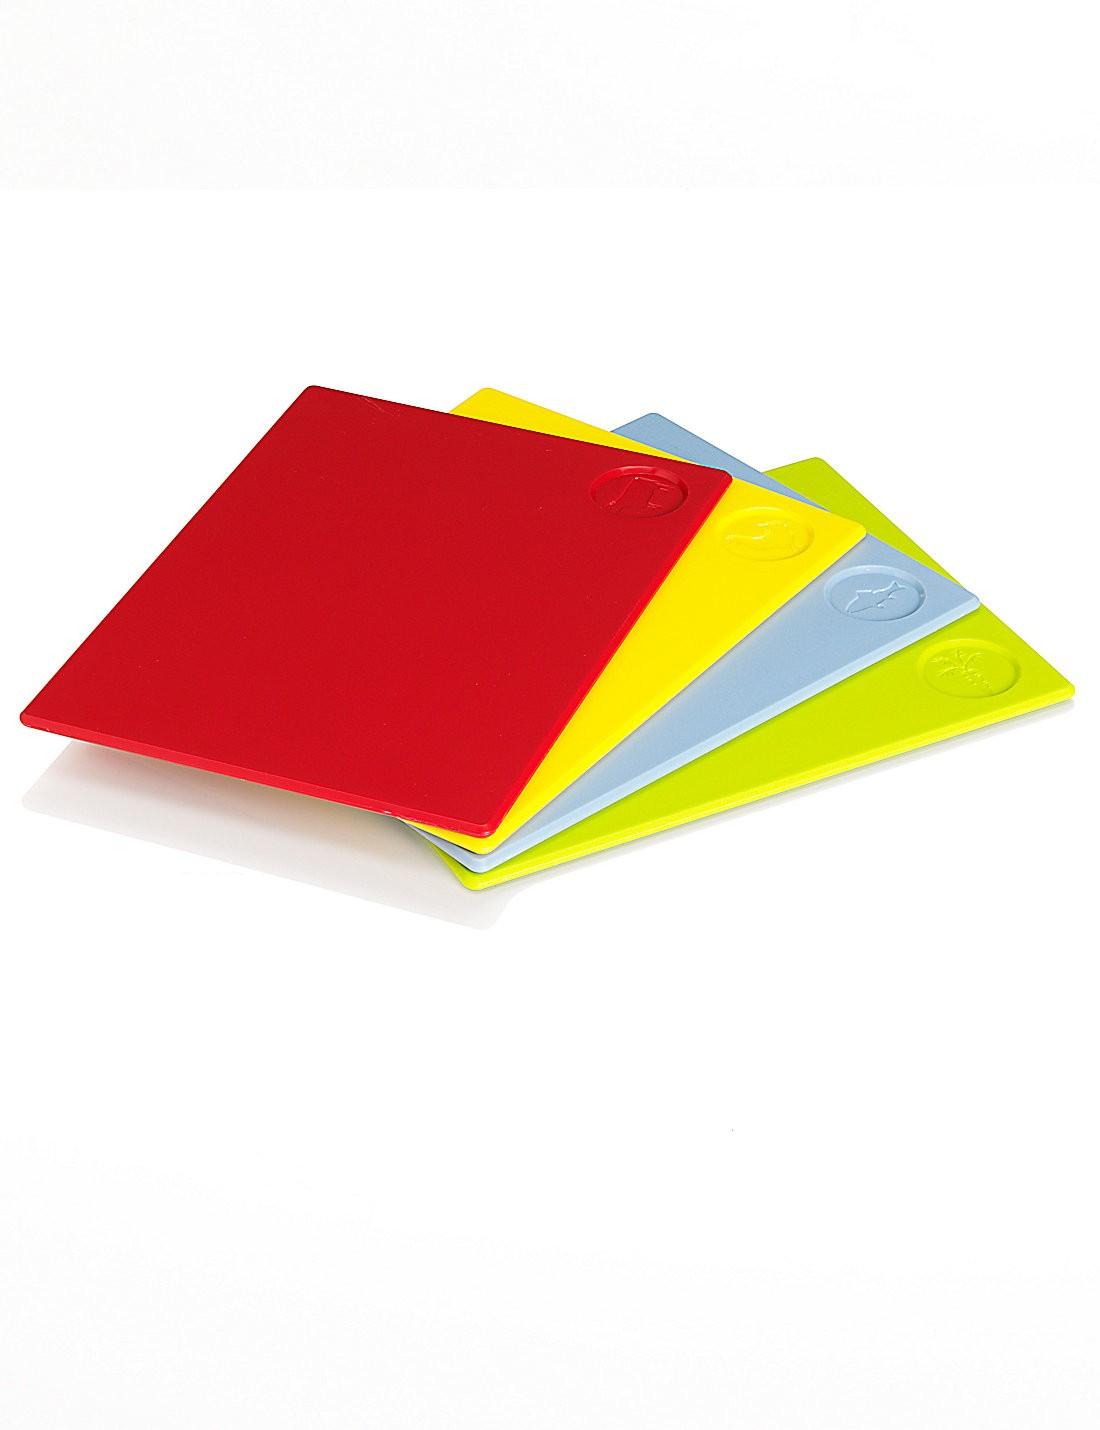 4'lü Renkli Kesme Tahtaları